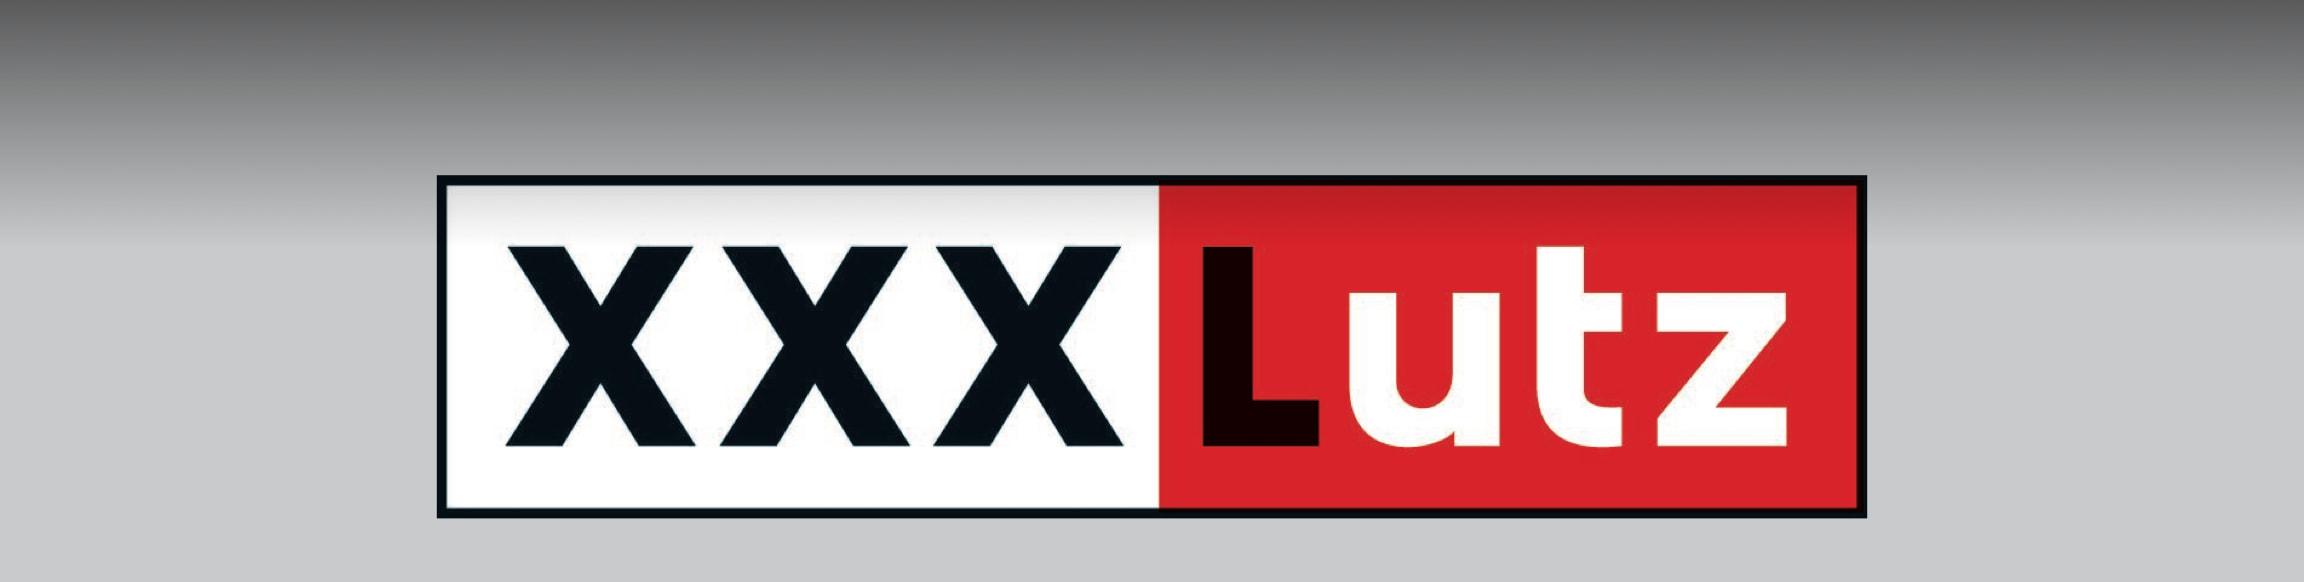 Xxl Lutz Online At